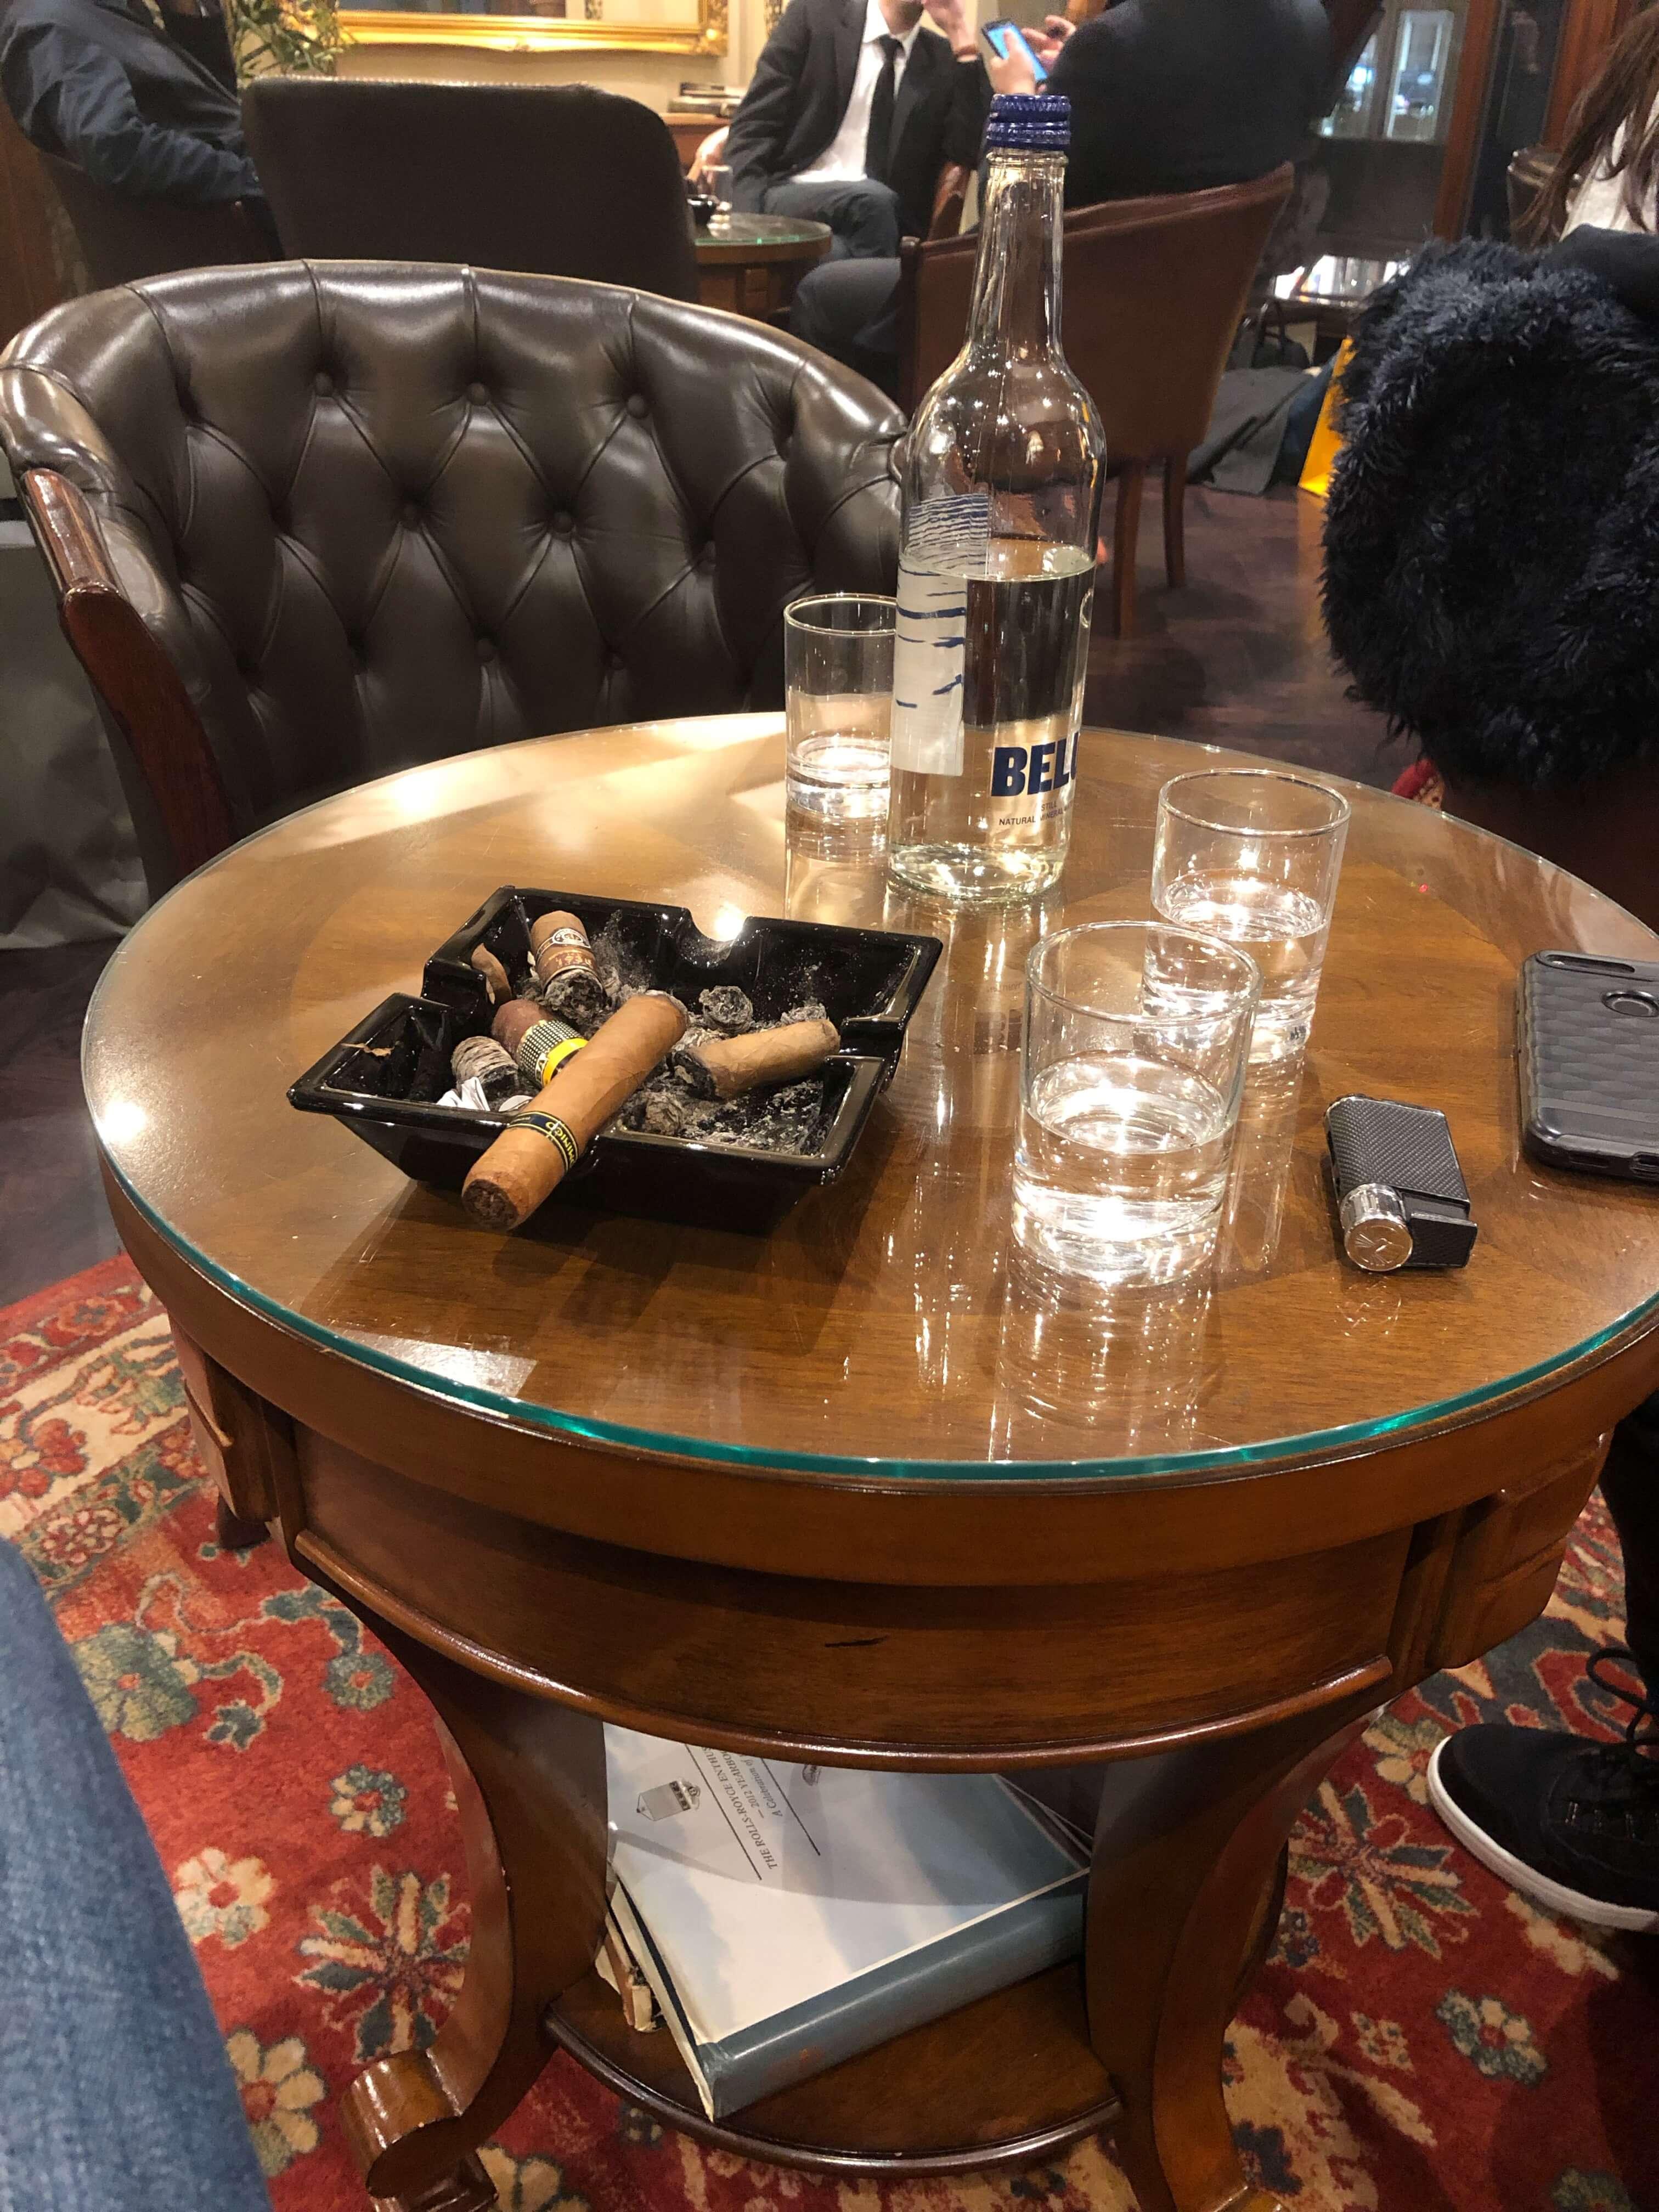 Cigar at table